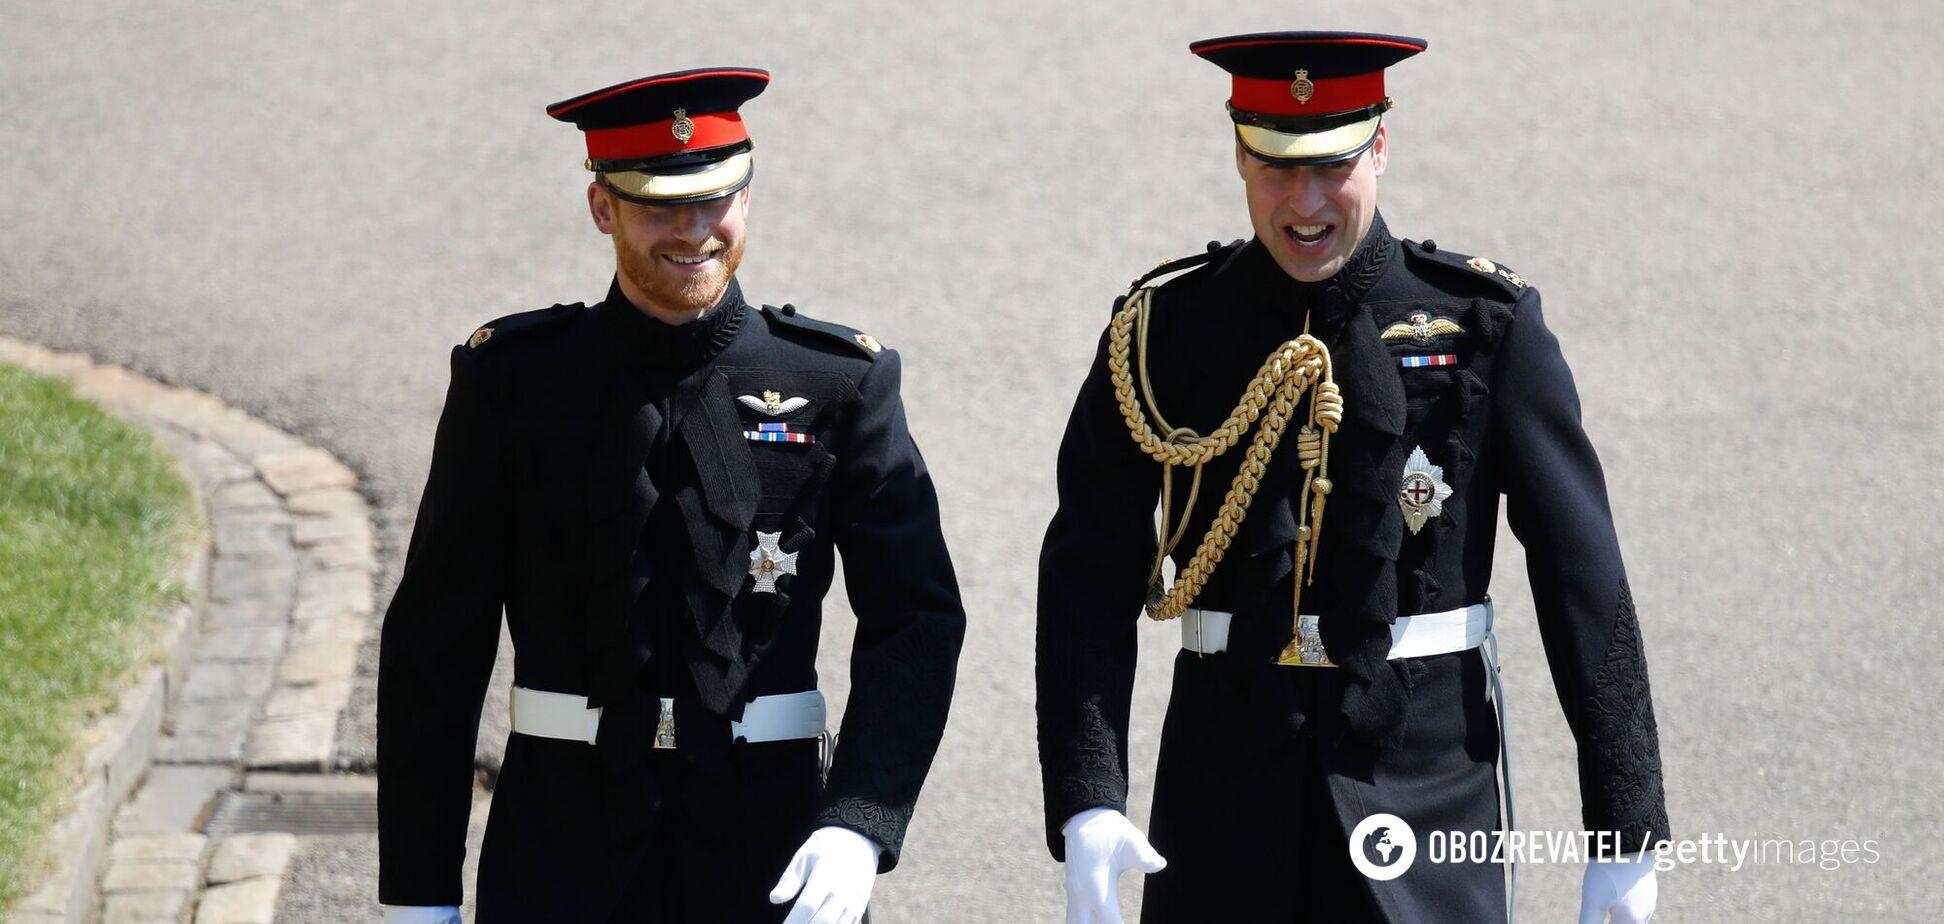 Перекладачі переказали розмову принців Вільяма і Гаррі на похоронах дідуся